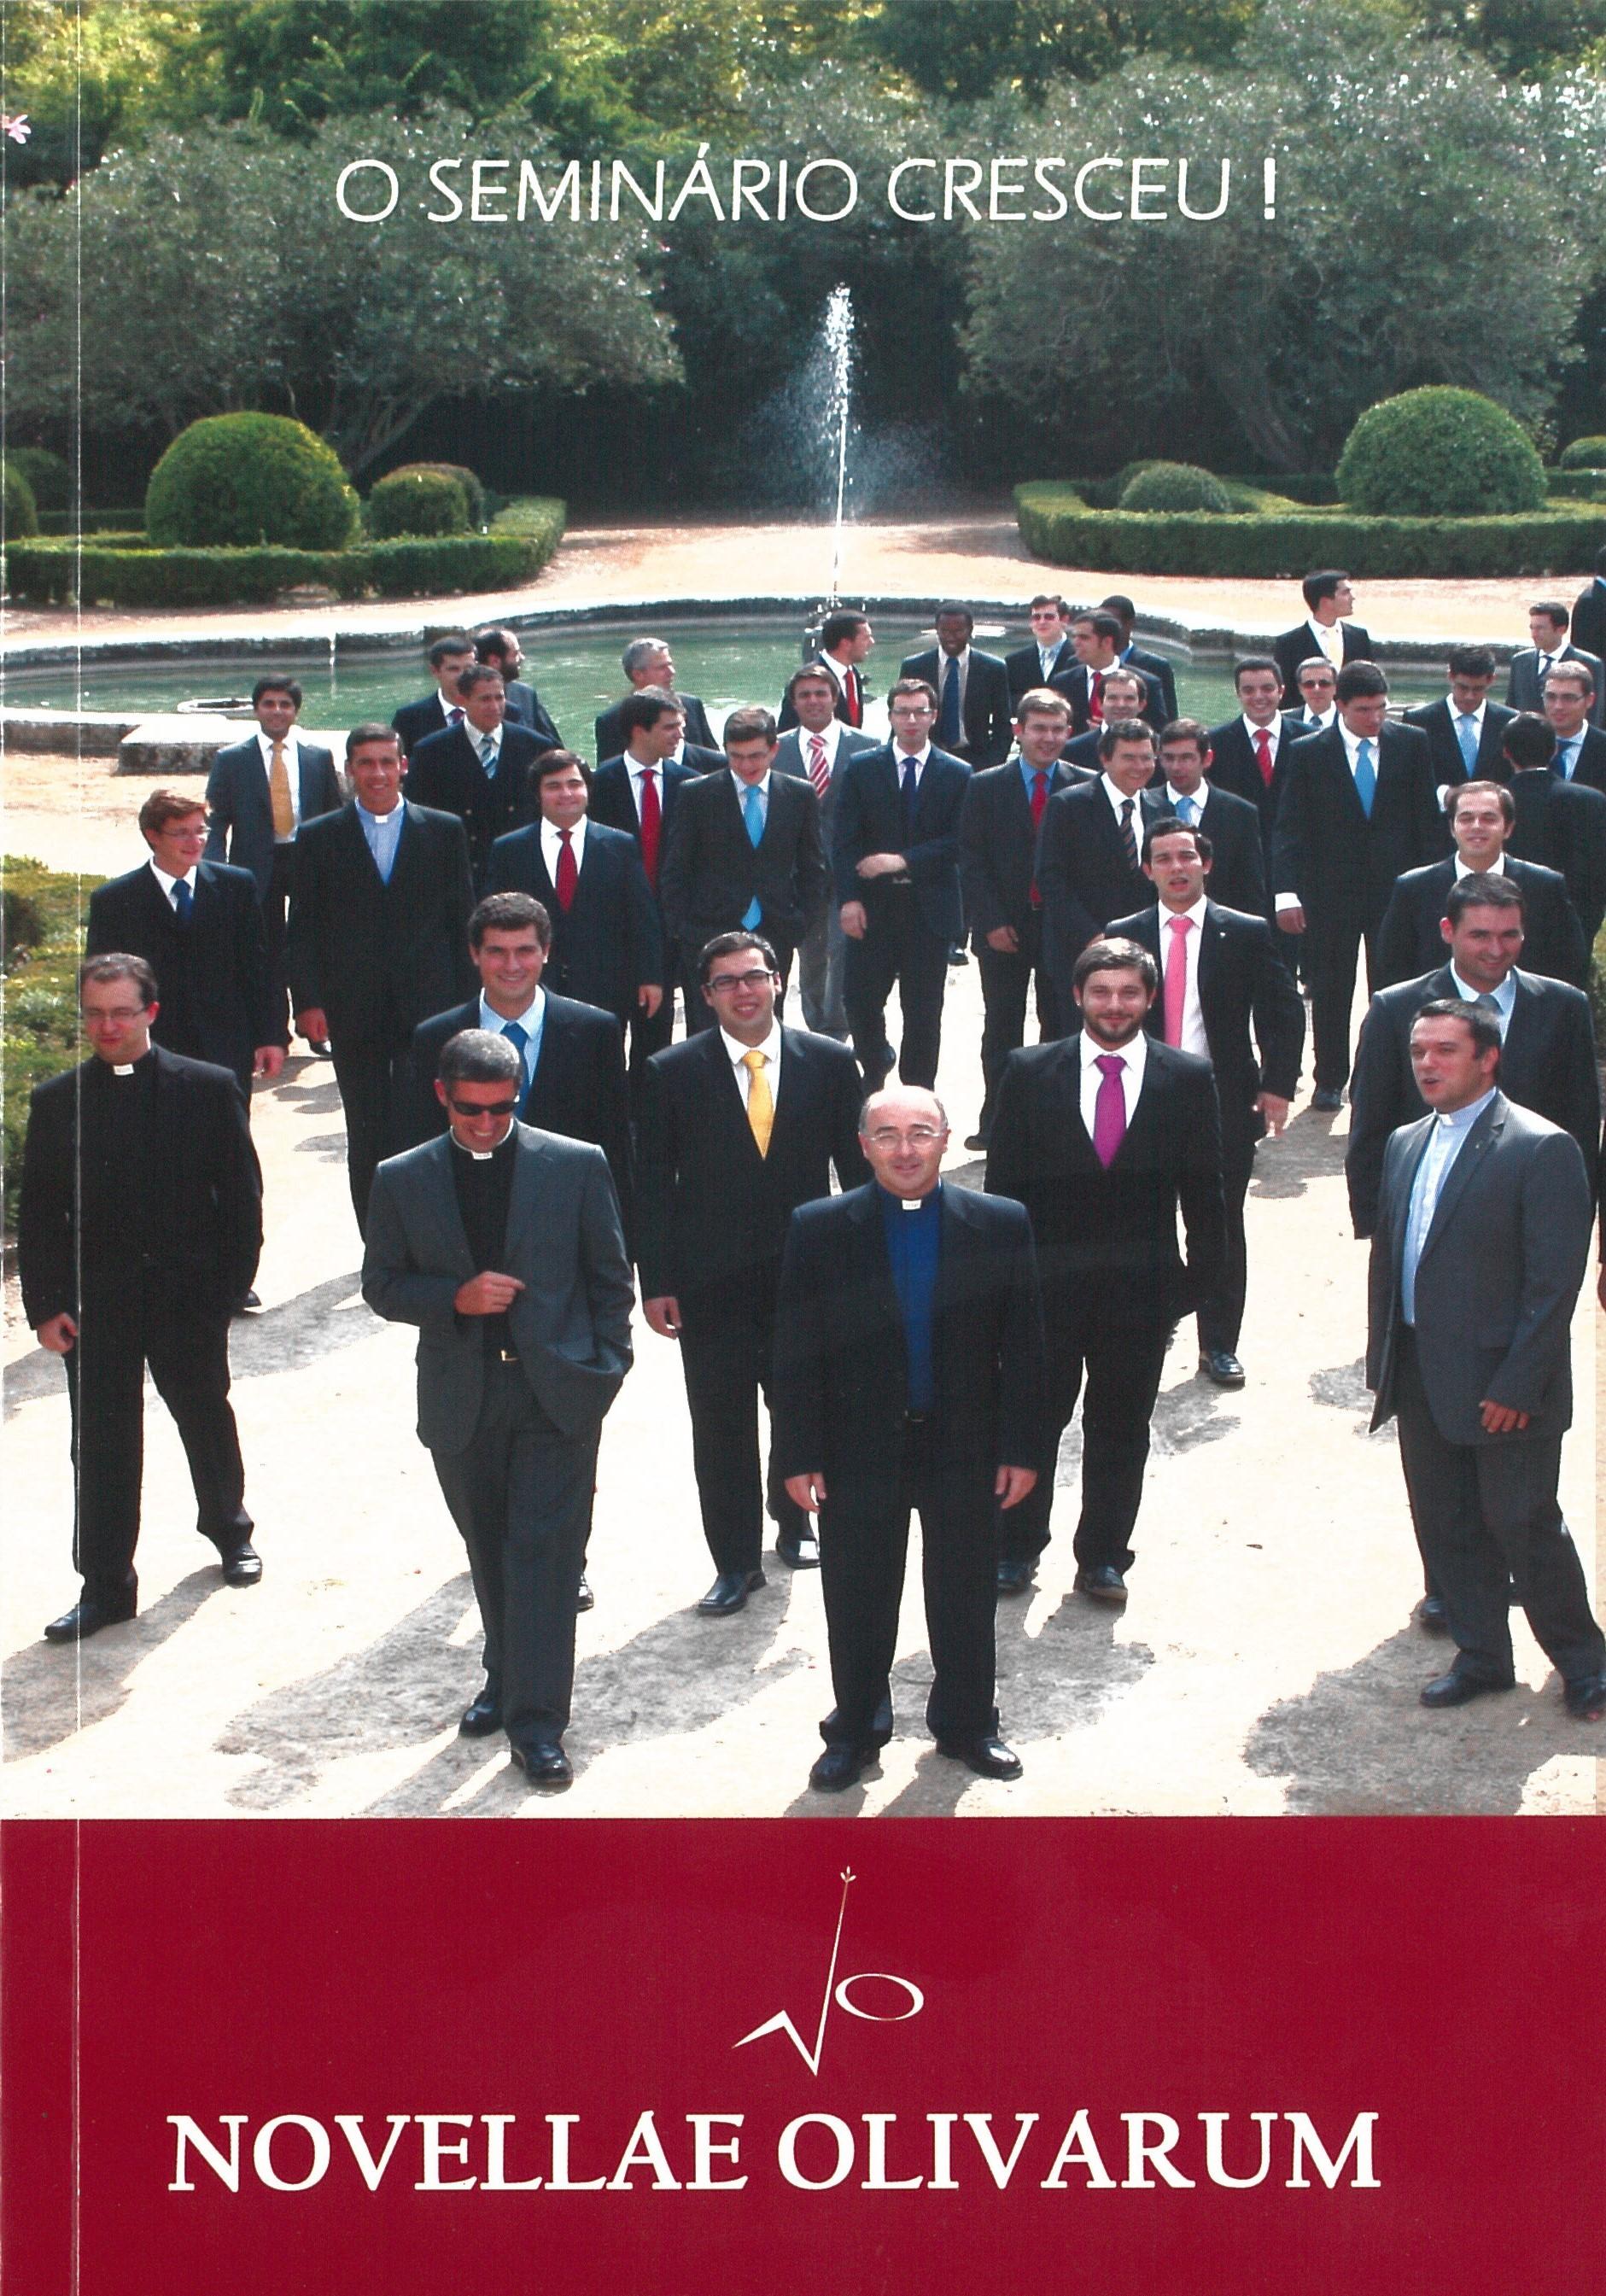 Revista Novellae Olivarum, nº 41 - Novembro de 2010 (capa)